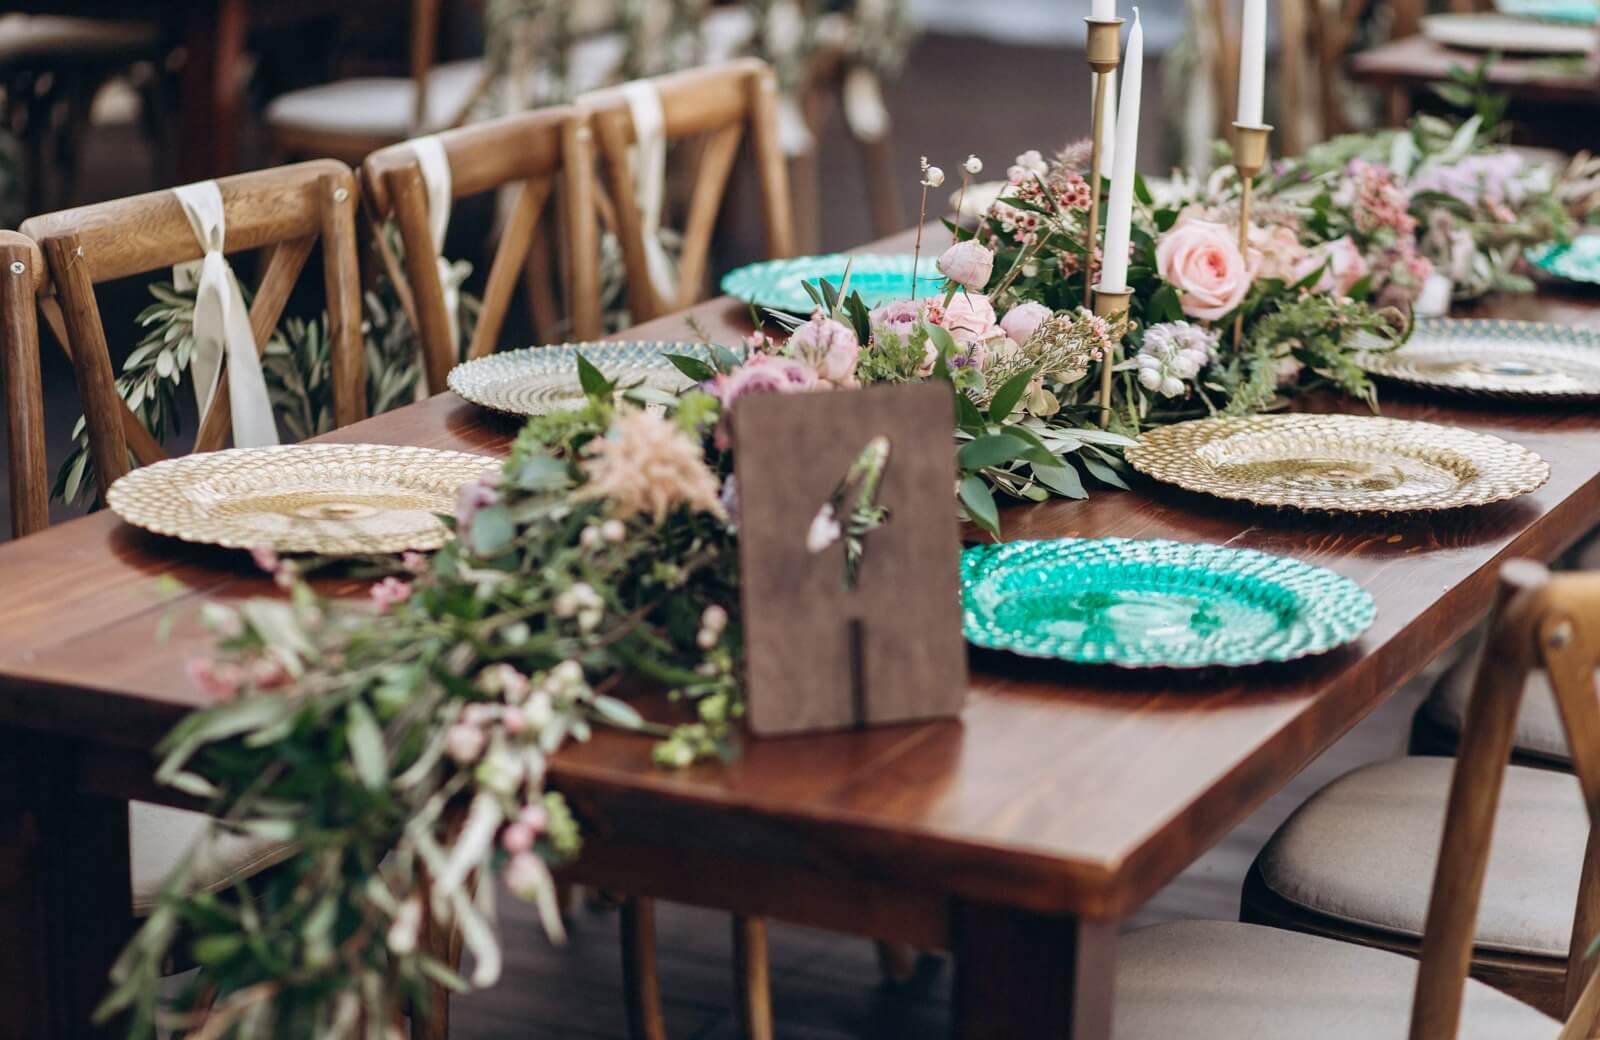 Decoración de mesas en bodas en jardín